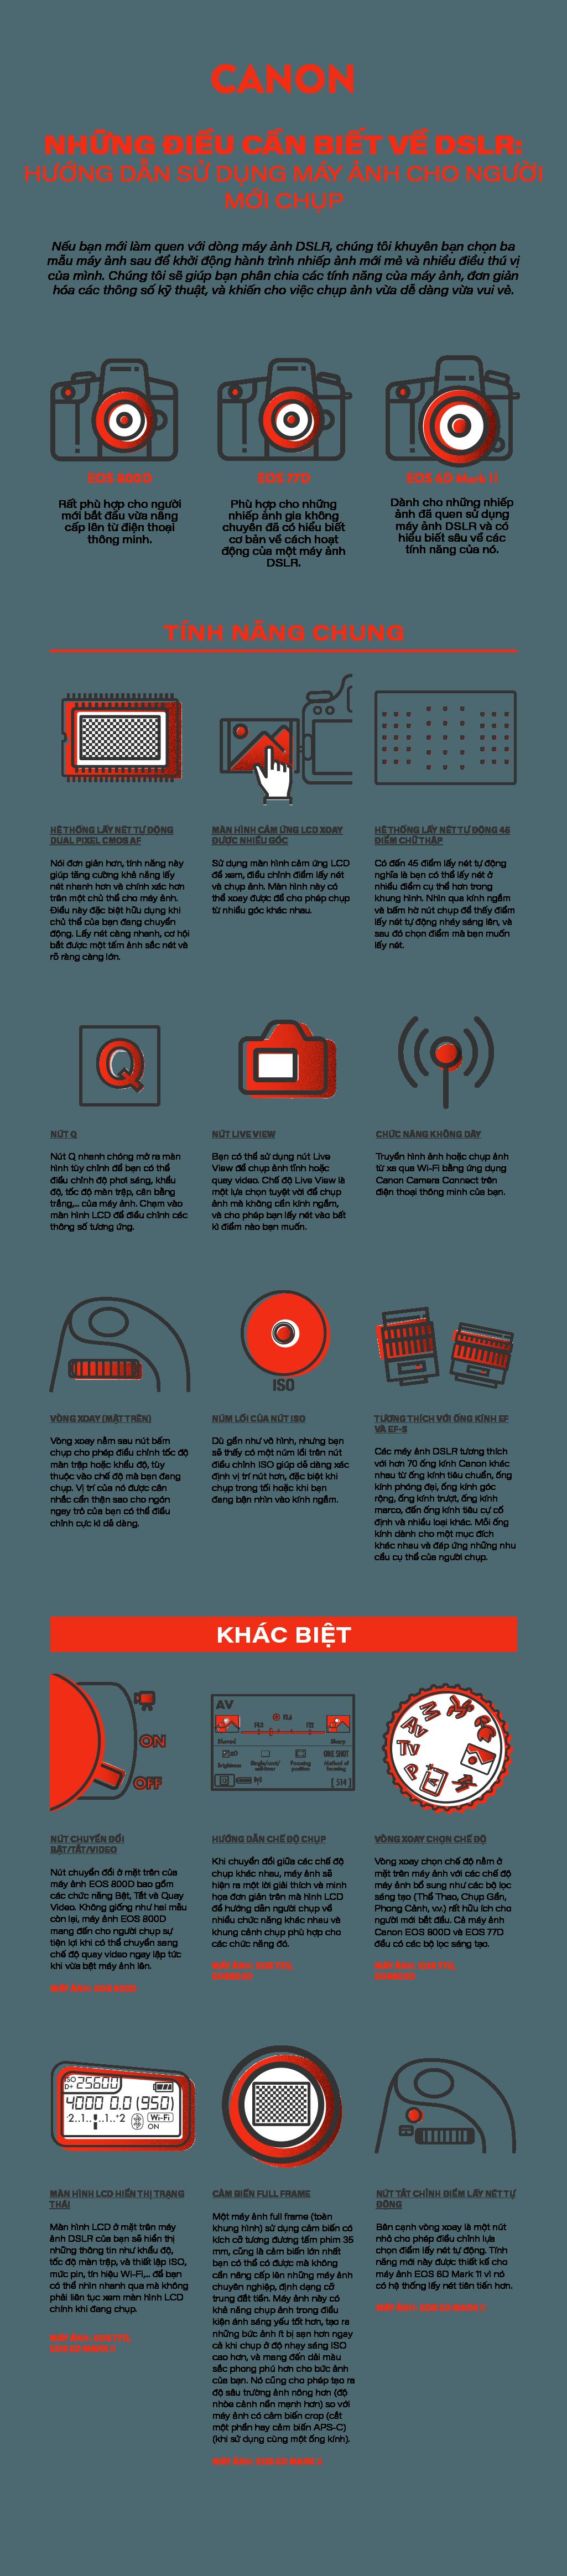 Hướng Dẫn Bỏ Túi: Những Điều Cần Biết Khi Mới Mua DSLR